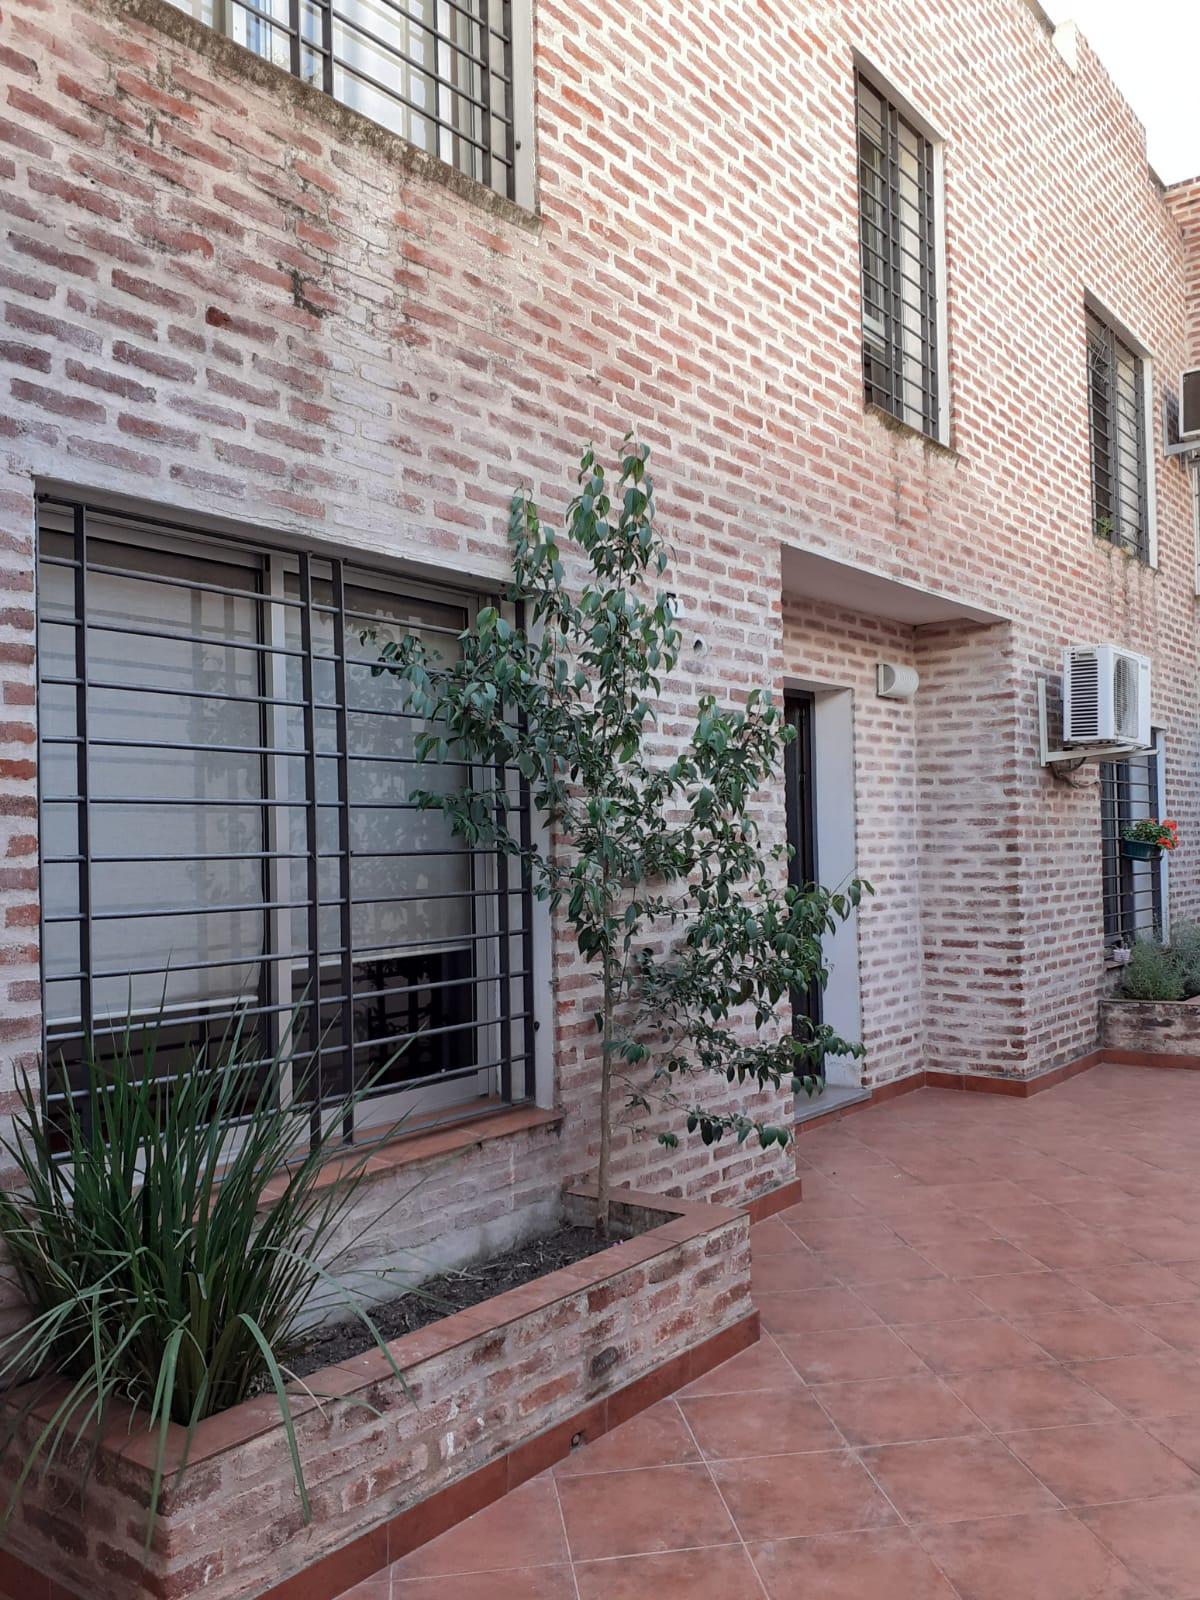 Alquiler apartamento de 2 dormitorios en barrio La Blanqueada.